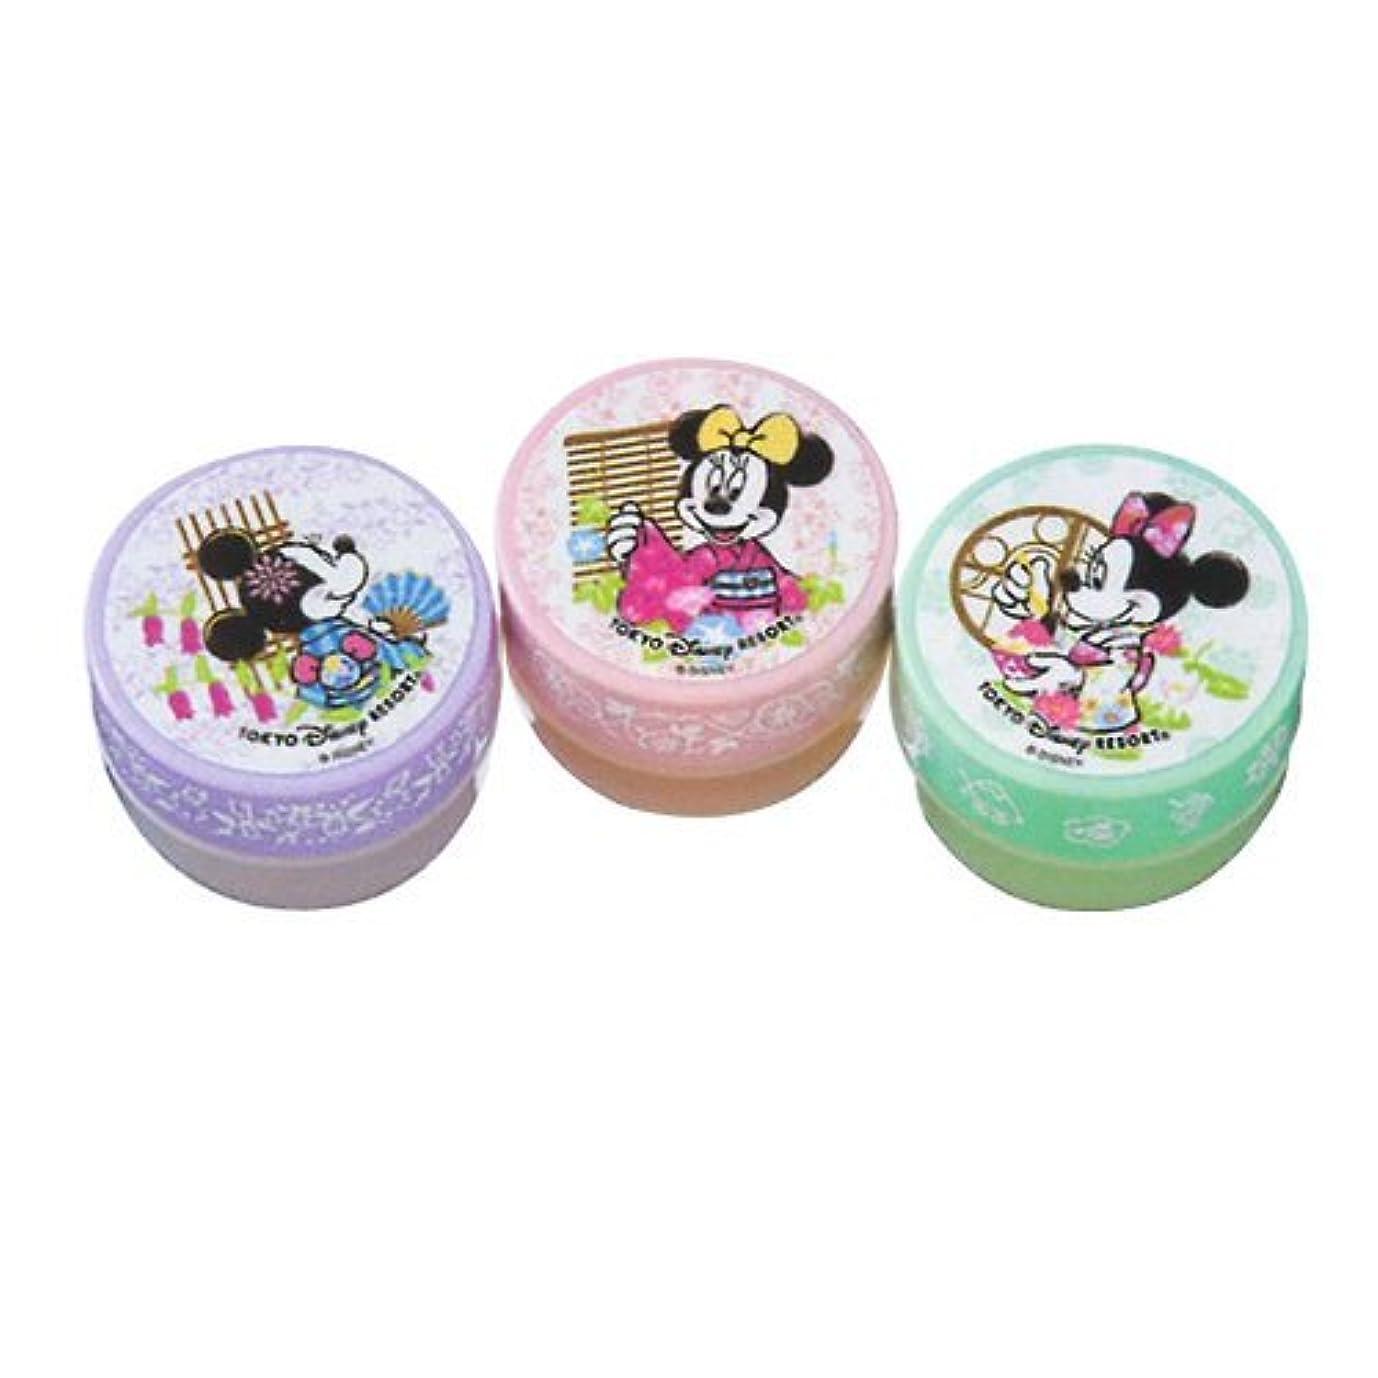 ラメ事前に必要性ミニーマウス ハンドクリームセット 浴衣柄 【東京ディズニーリゾート限定】